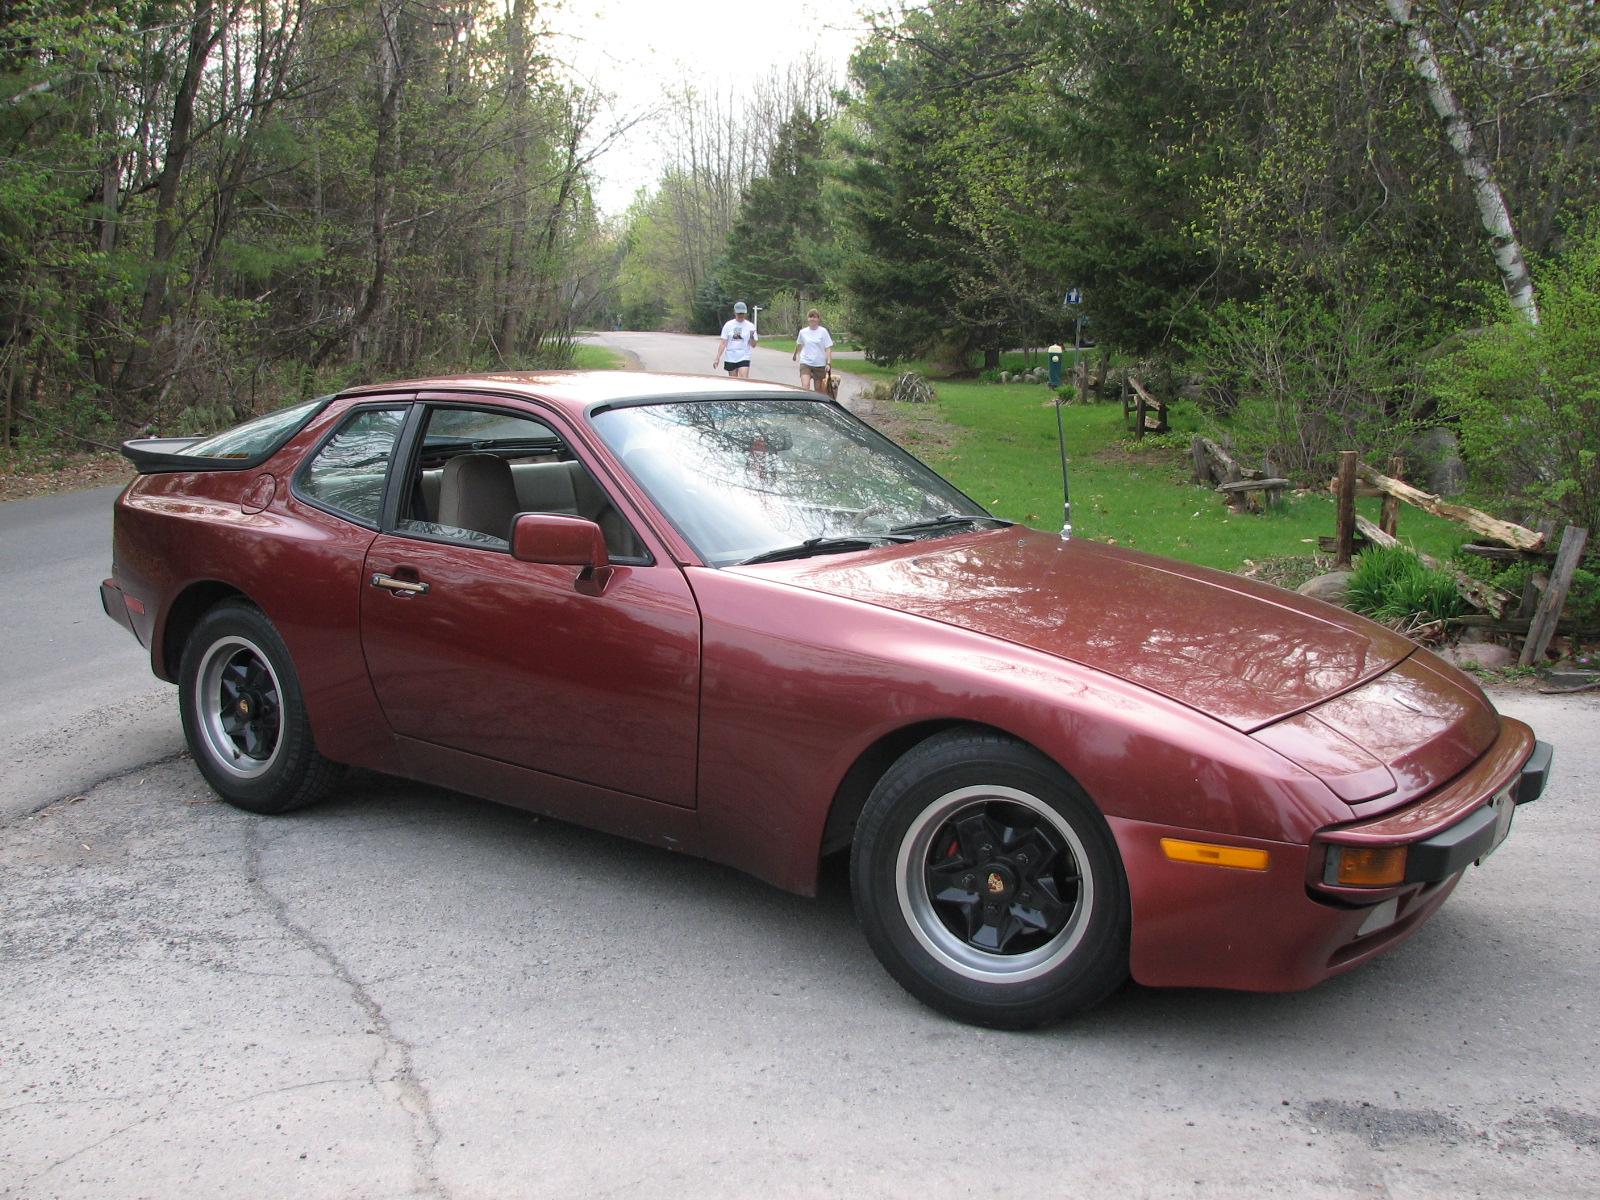 1984 porsche 944 cars that i 39 ve owned pinterest. Black Bedroom Furniture Sets. Home Design Ideas